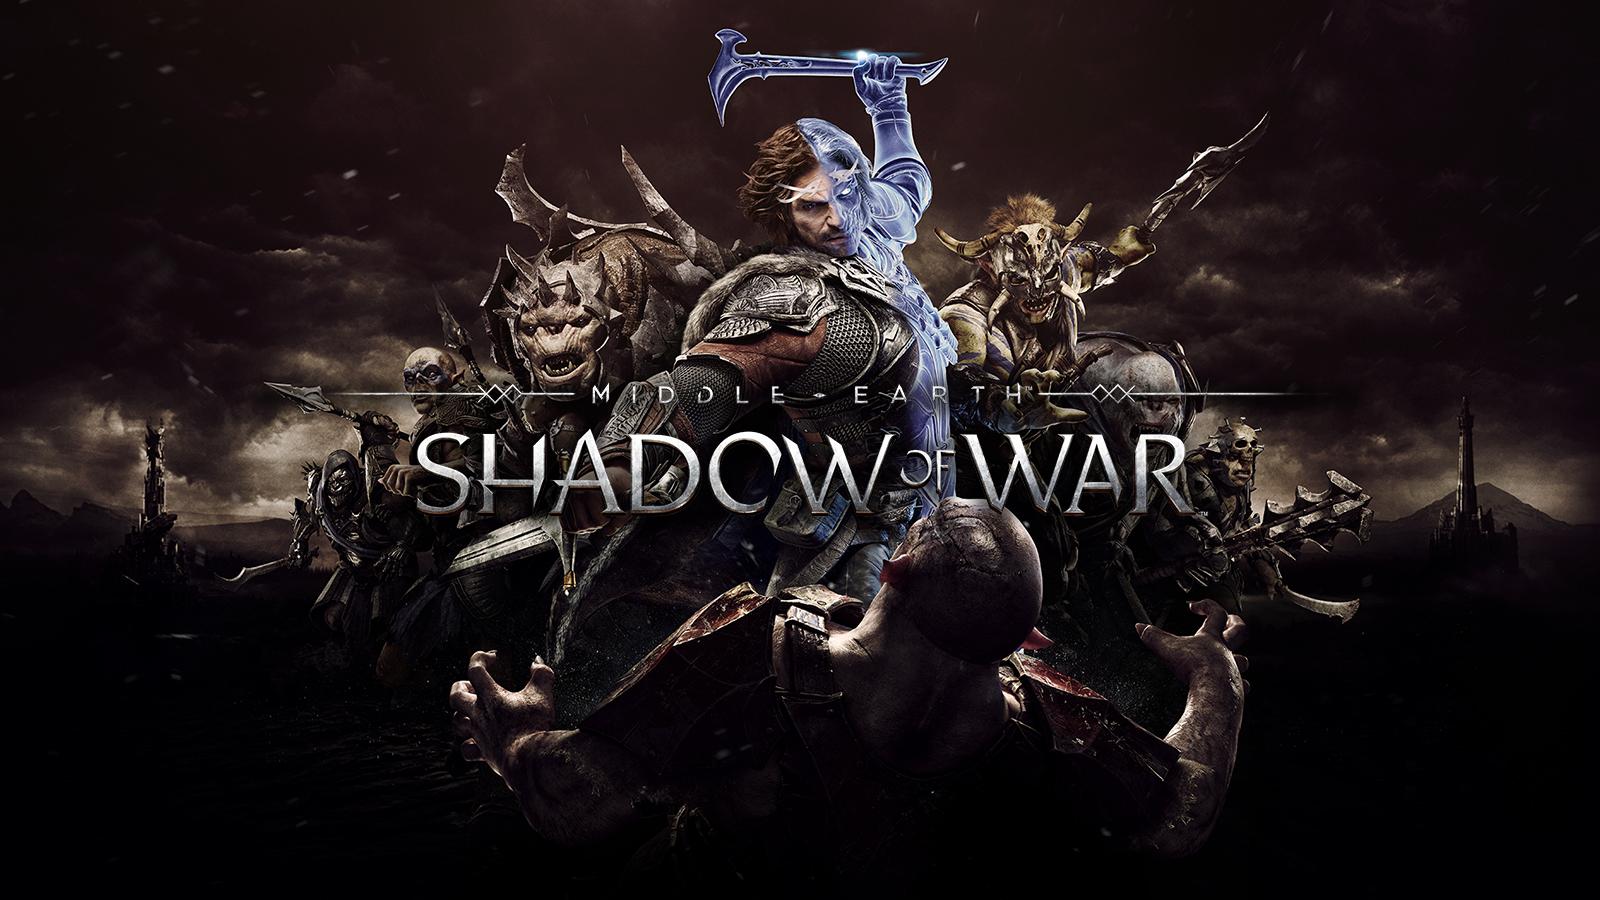 جزئیات فروشگاه و پرداختهای درونبرنامهای Middle-earth: Shadow of War مشخص شد